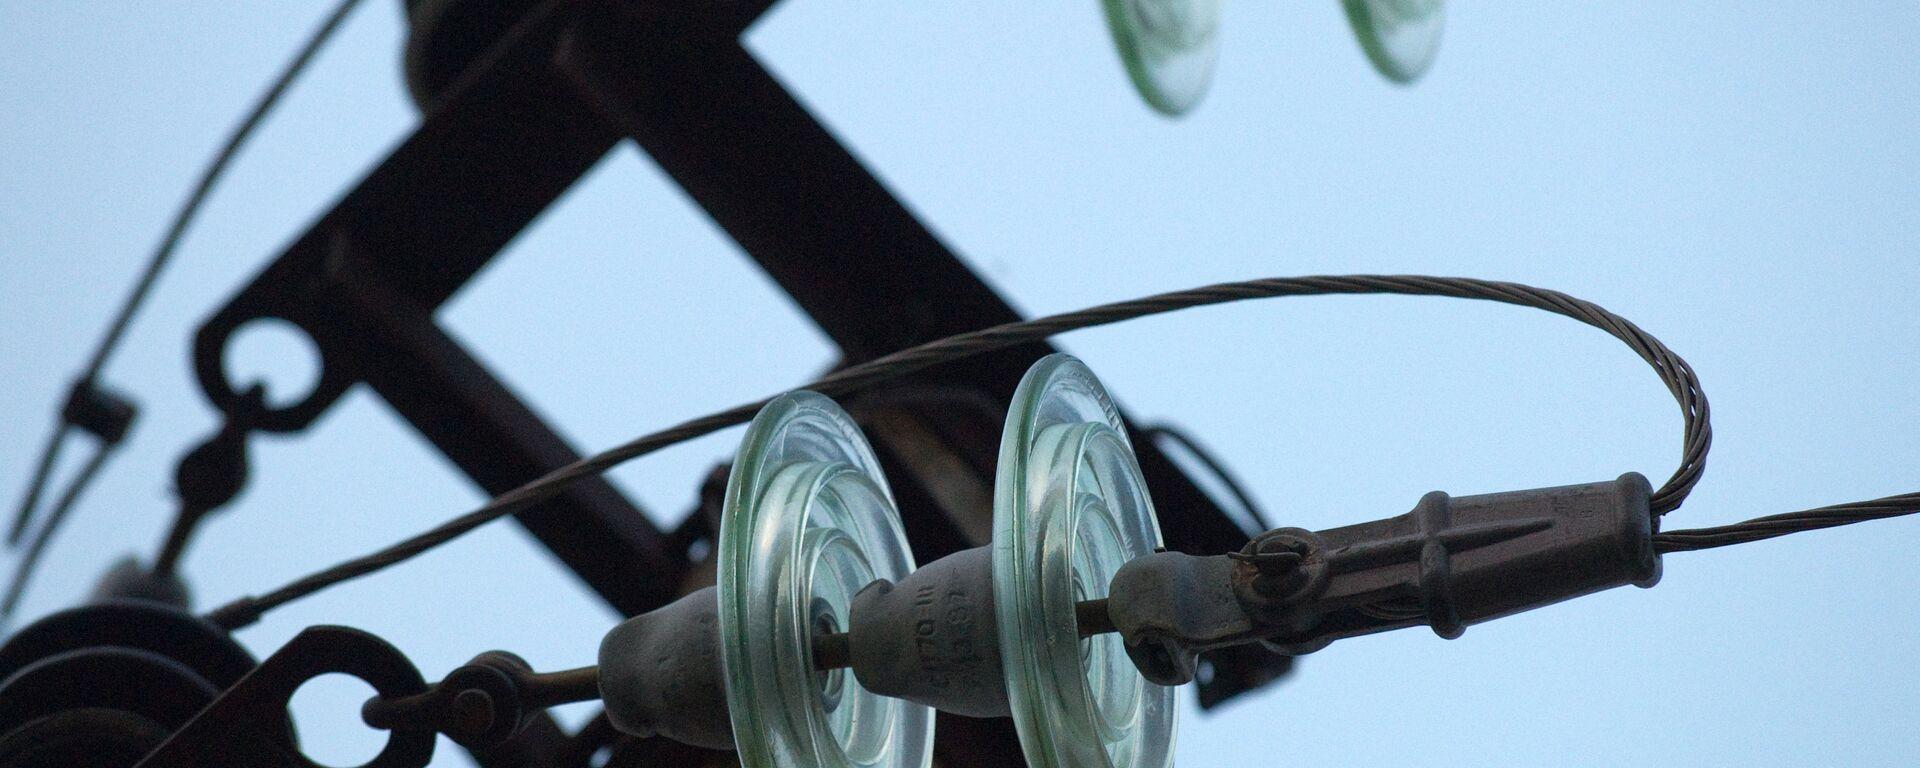 Высоковольтные линии электропередачи - Sputnik Латвия, 1920, 25.02.2021